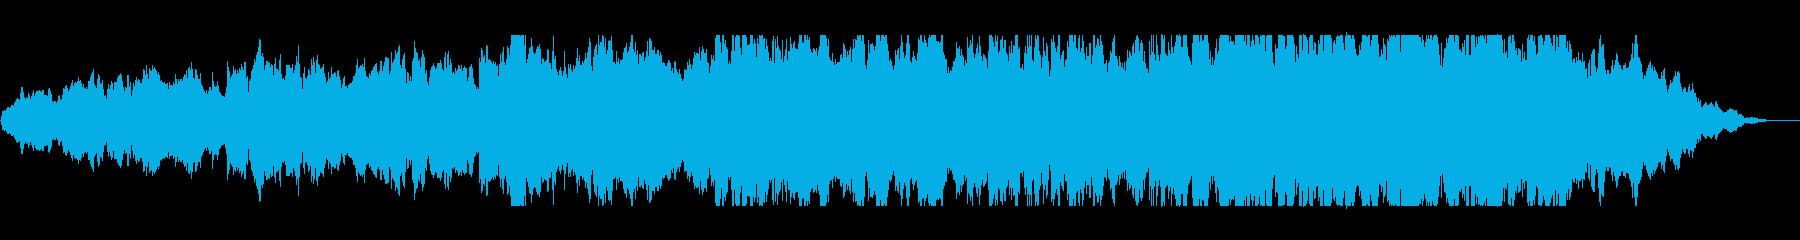 ファンタジーで勢いのあるシンセ管弦楽器の再生済みの波形